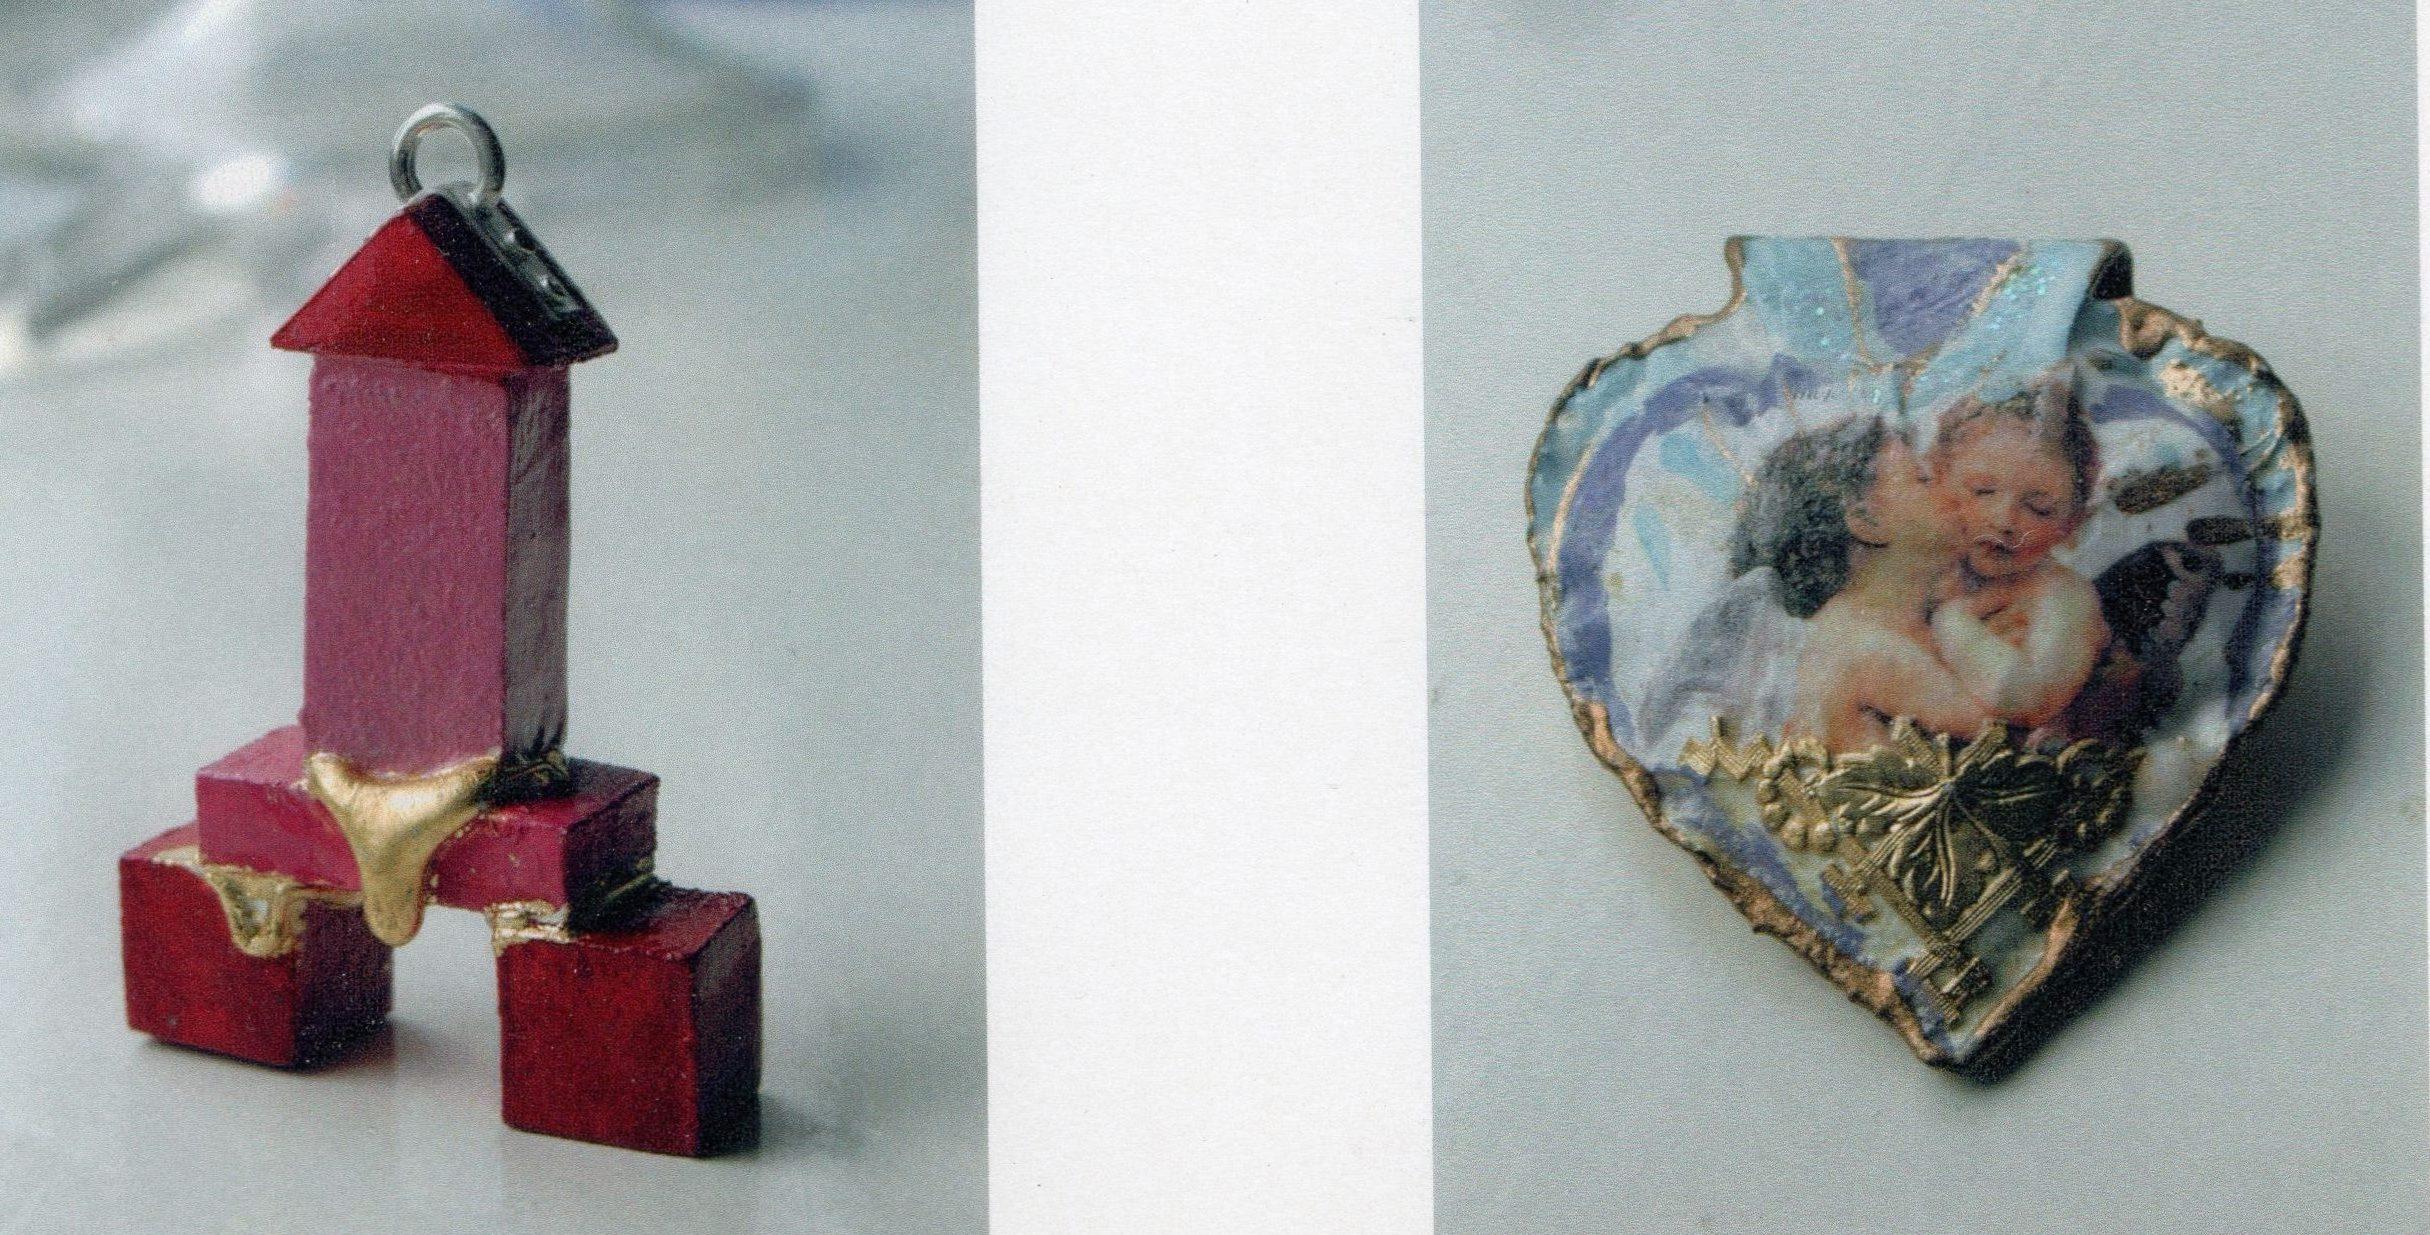 Petra Hartman, hanger en broche, hout, metaal, verf